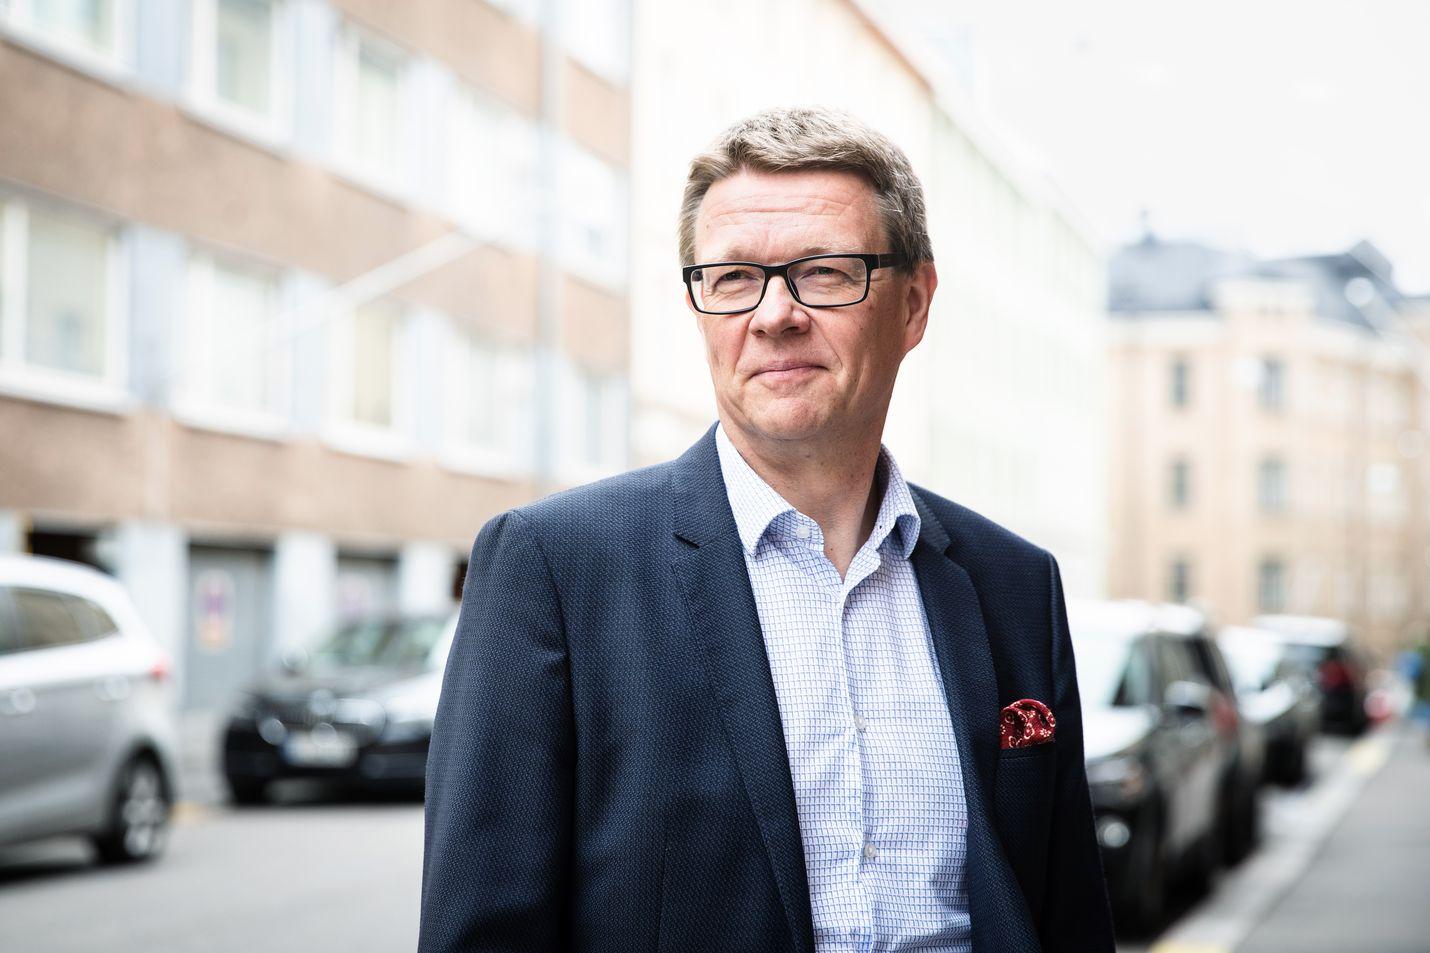 Timo Lapin mukaan matkailu- ja ravintola-alalla korona-aikana on pärjännyt vain pikaruokasektori, koska ihmiset ovat ostaneet take away -annoksia kotiin.